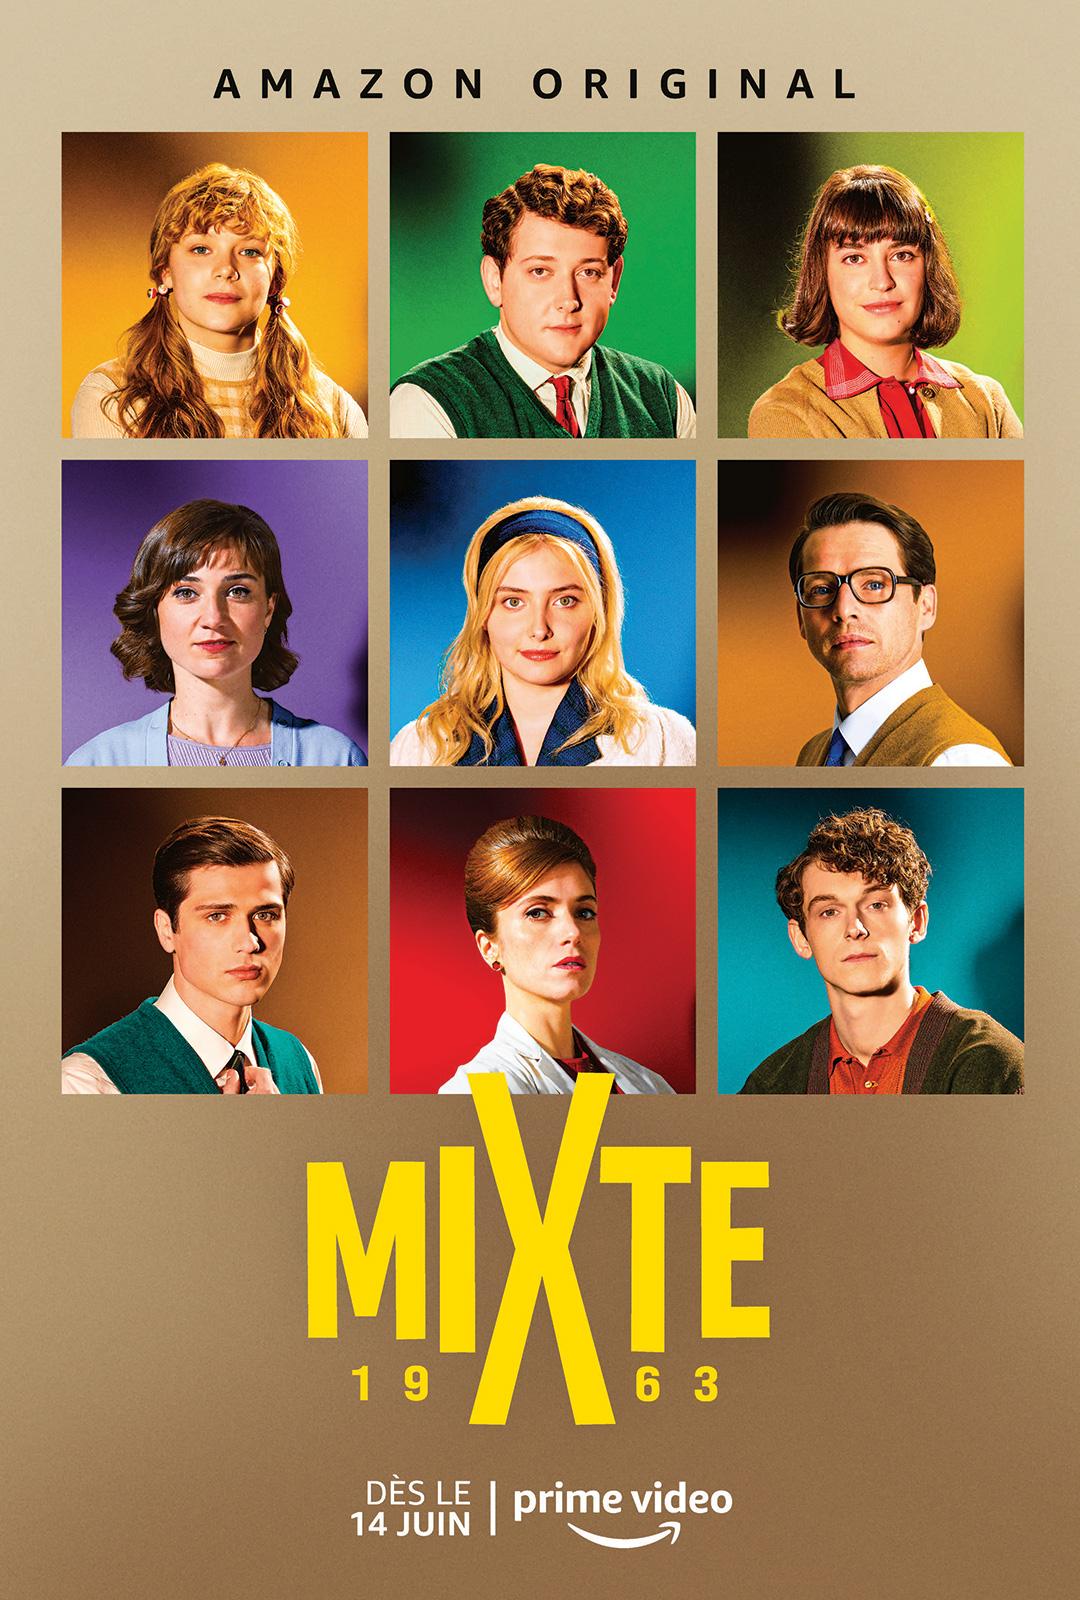 2 - Mixte